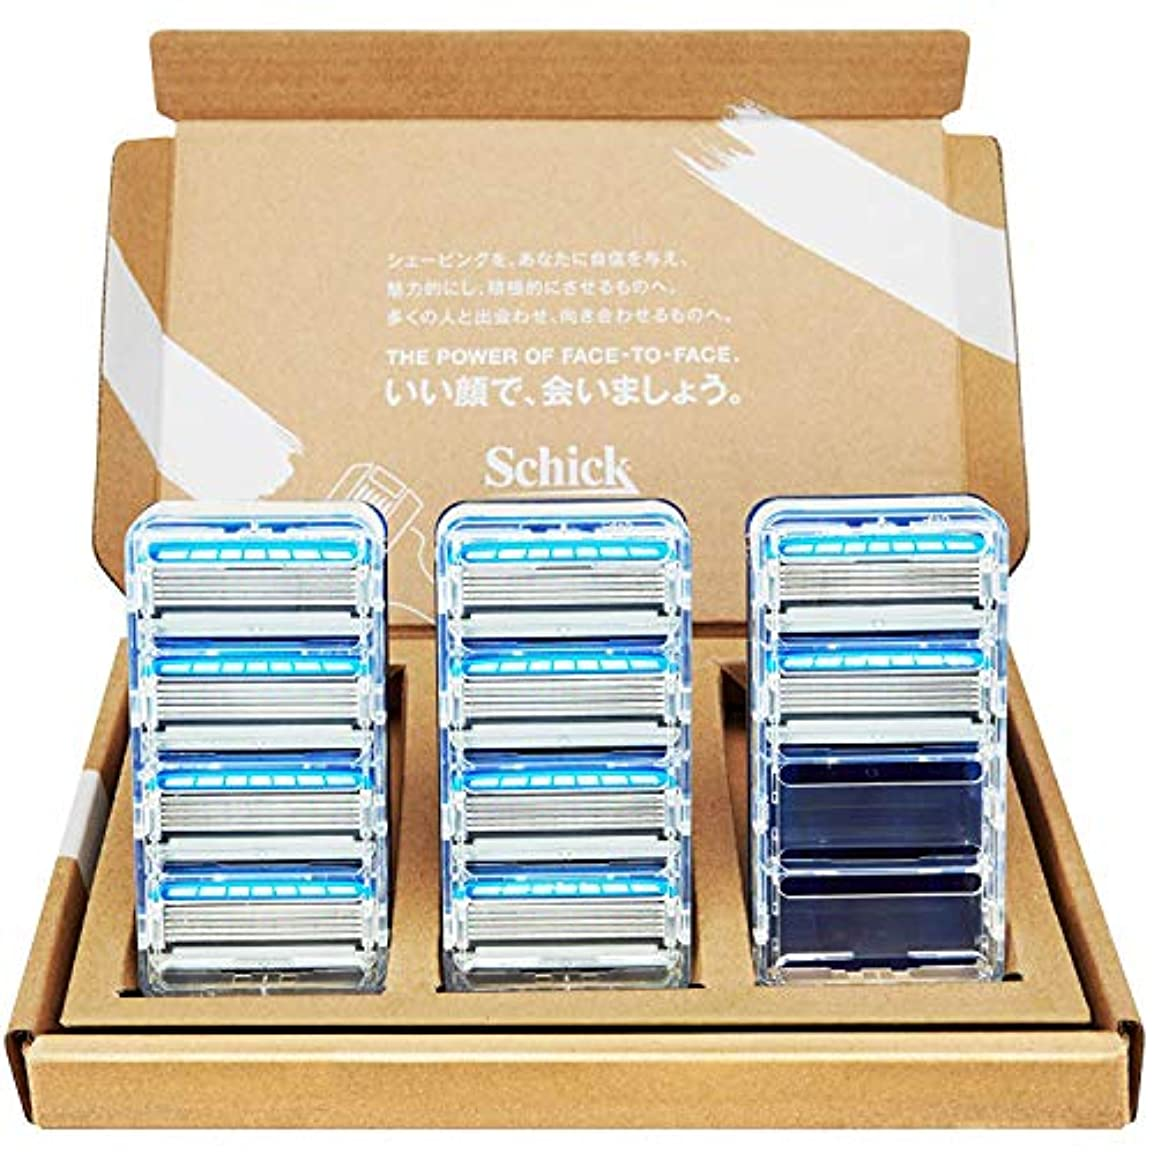 程度ミトン取り組む【Amazon.co.jp 限定】シック ハイドロ5 カスタム ハイドレート 替刃 10コ入